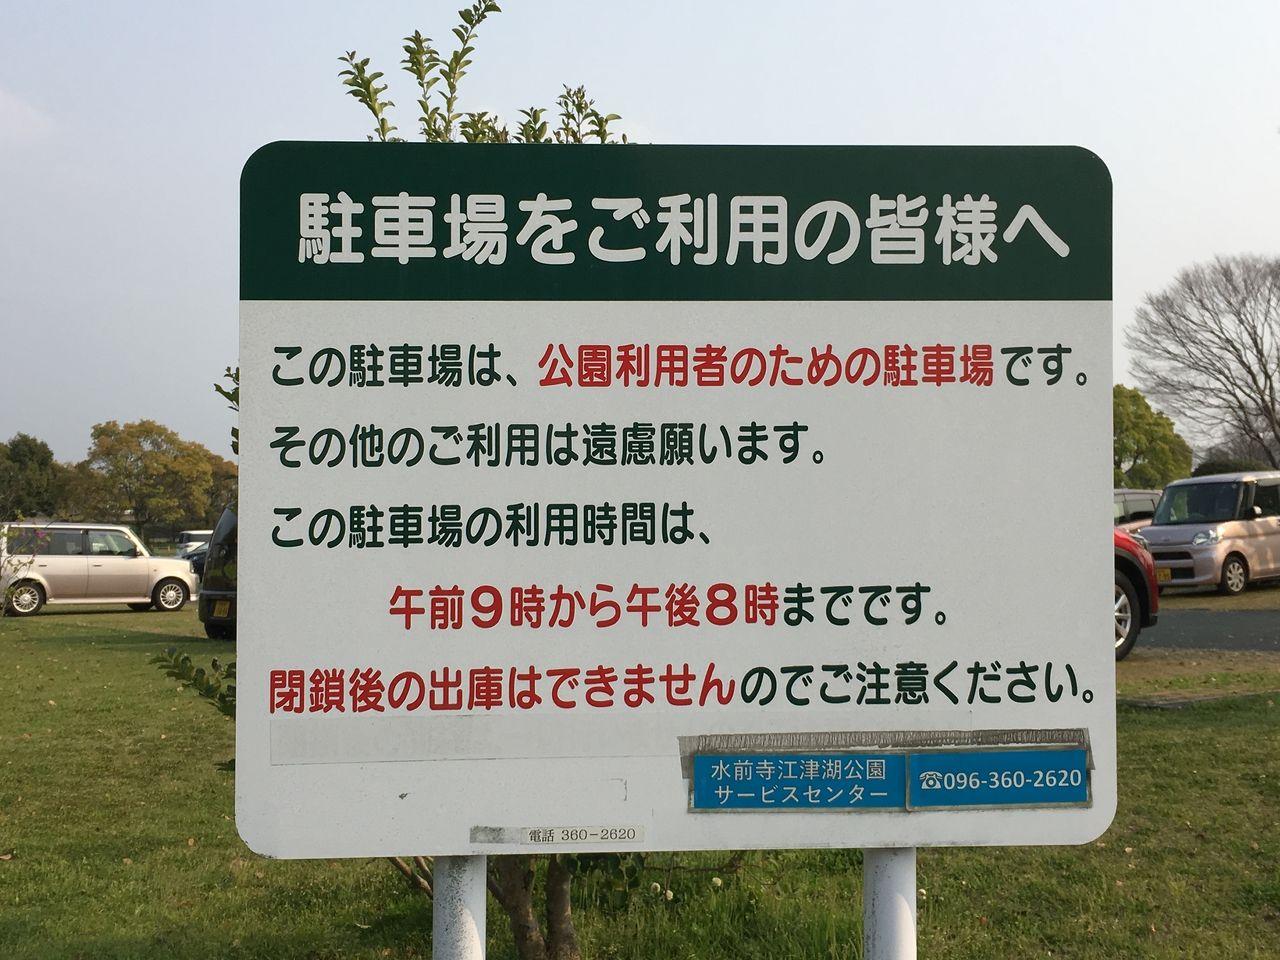 熊本市東区の水前寺江津湖公園・広木地区の駐車場の注意看板